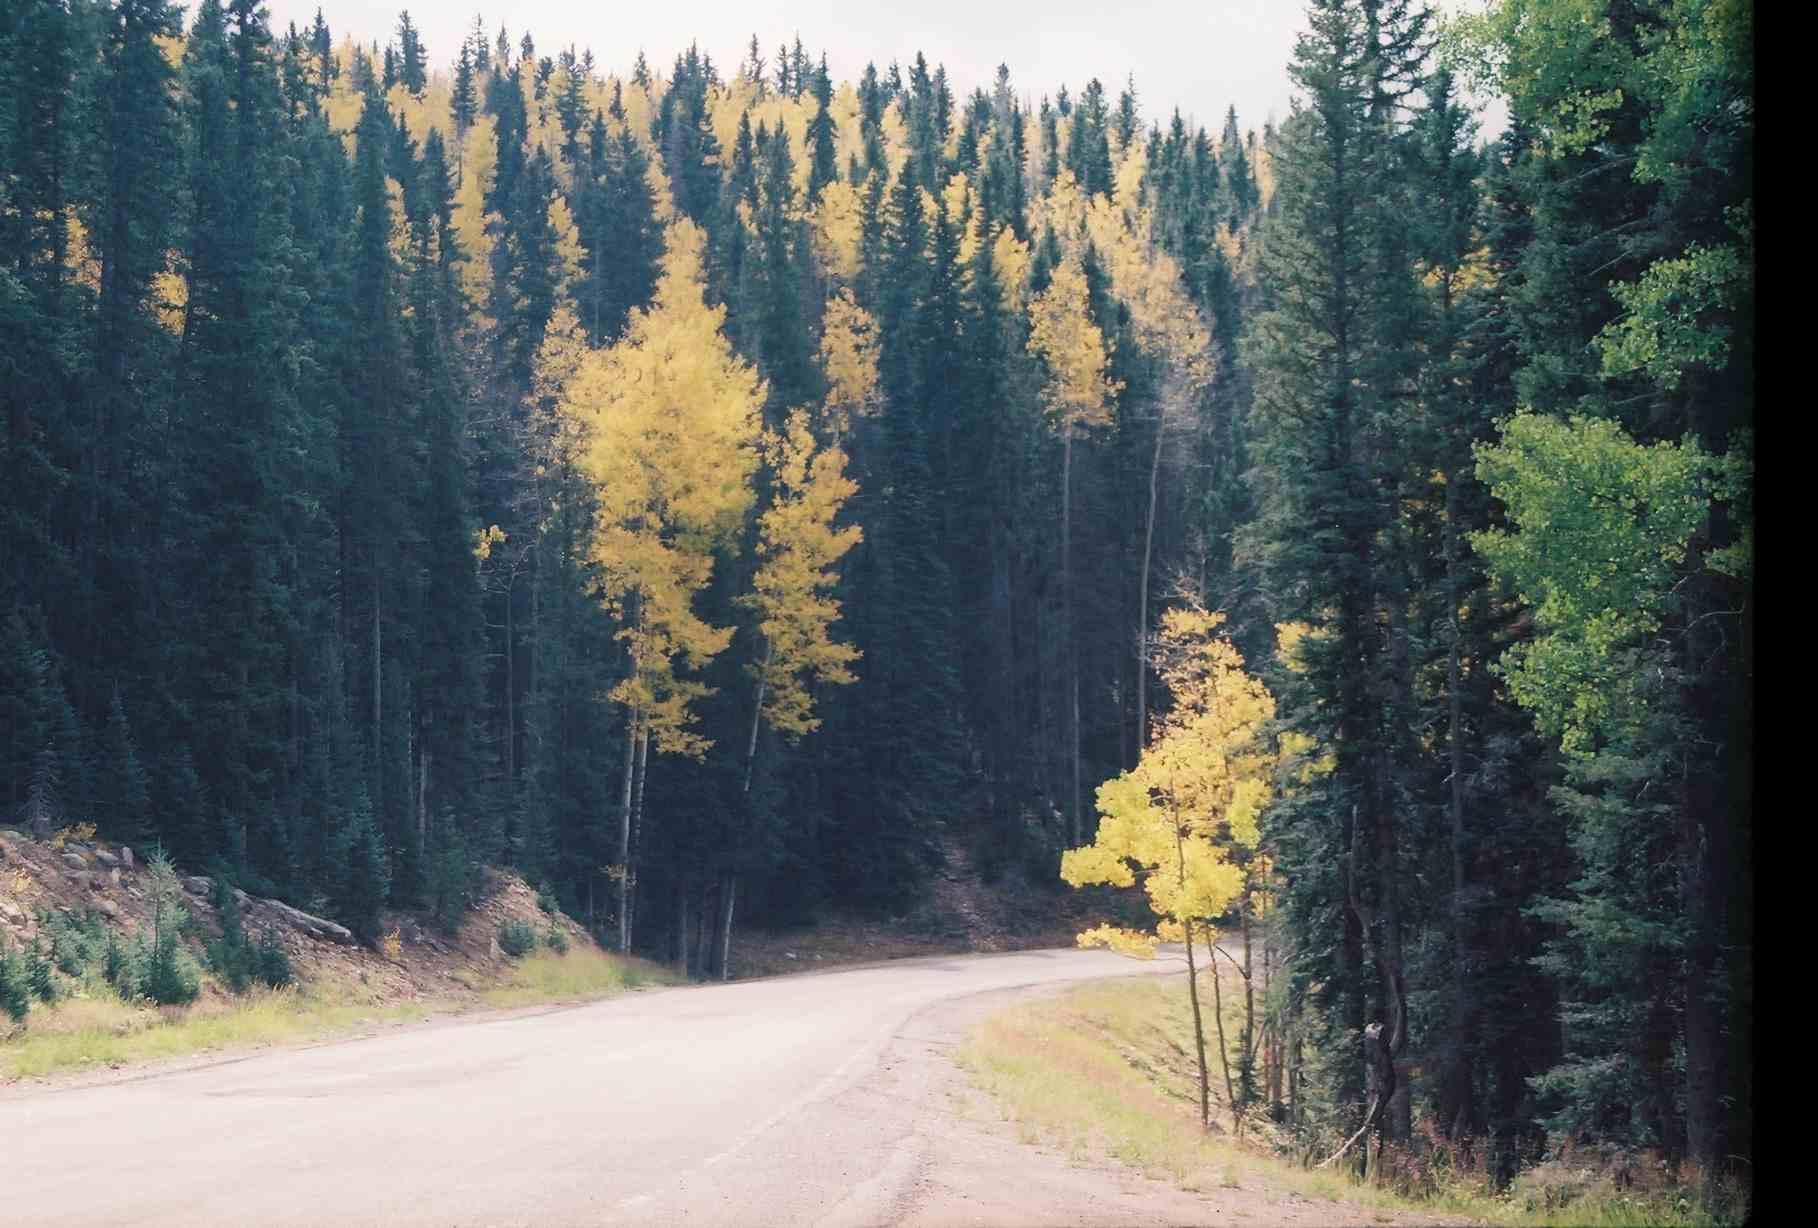 Bosque Nacional Santa Fe